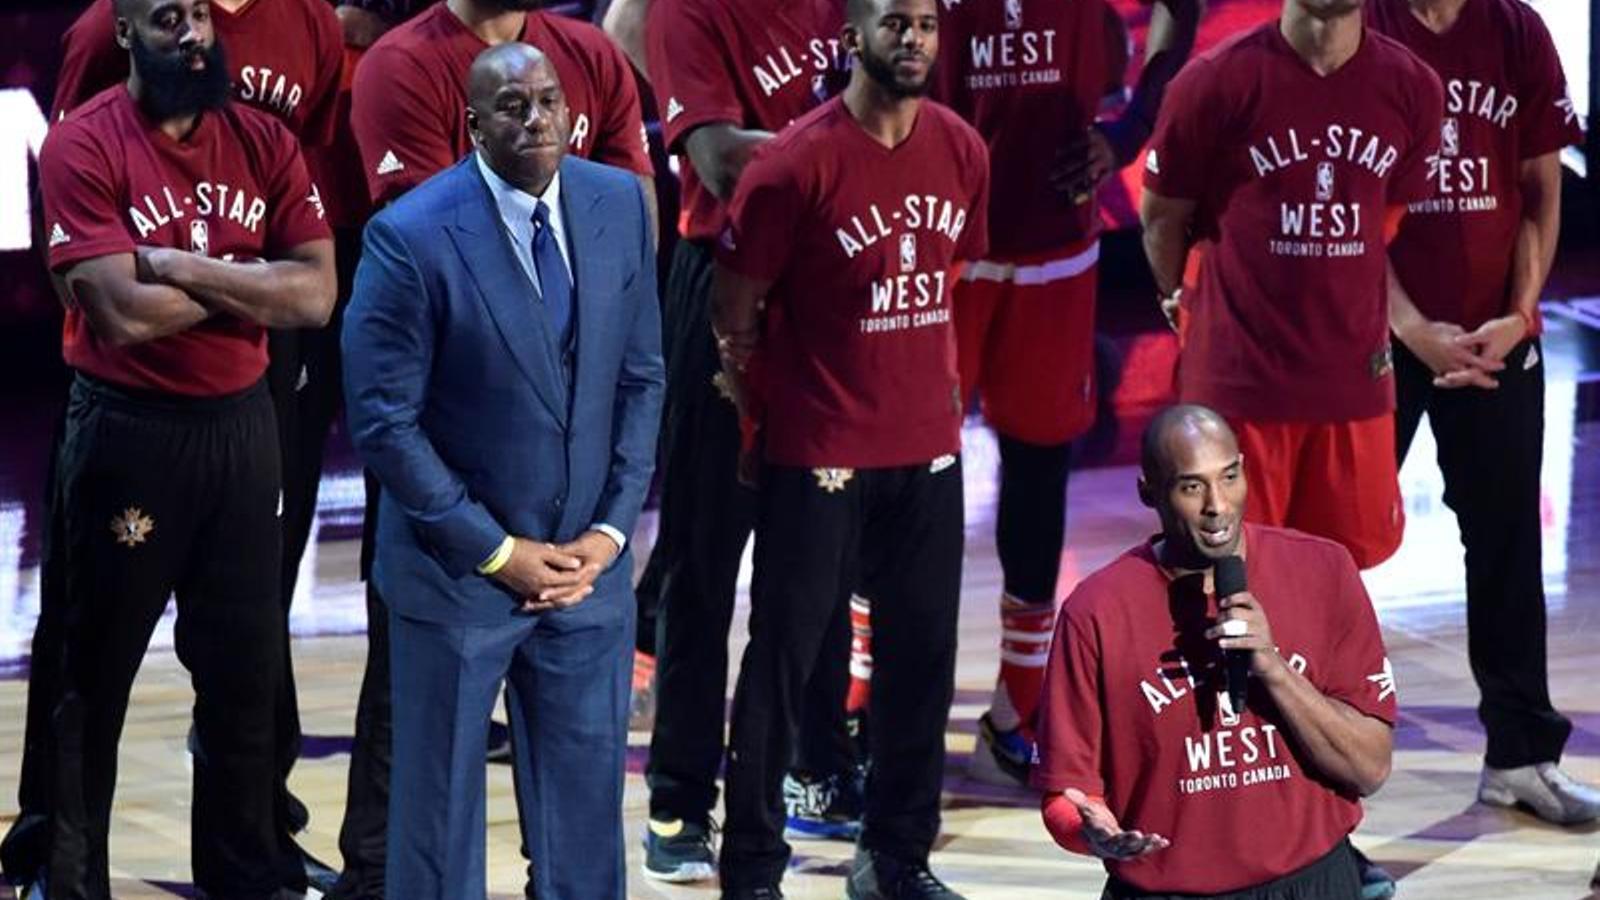 Homenatge a Kobe Bryant